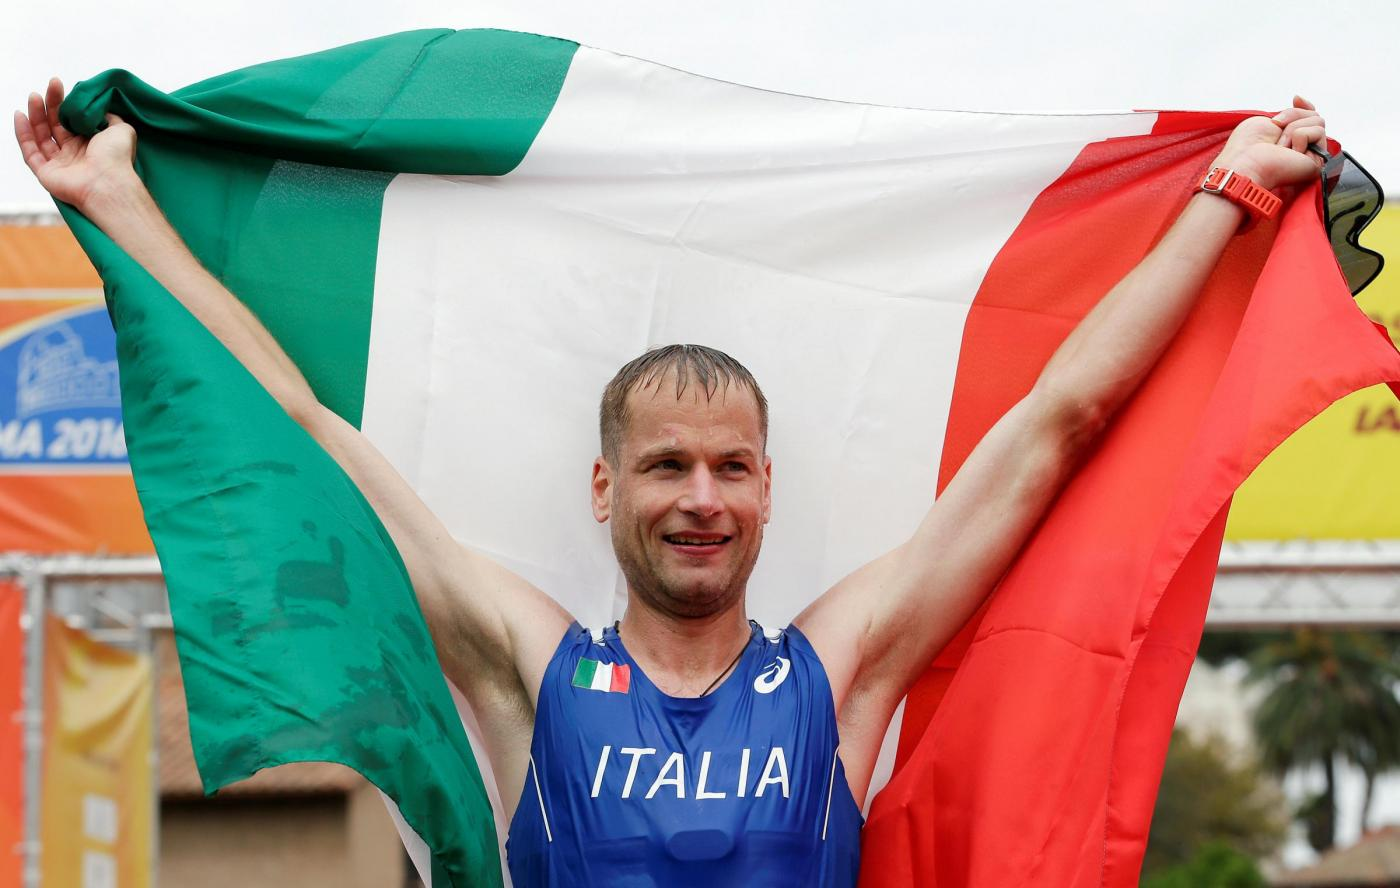 Atletica, Mondiale di marcia a Roma